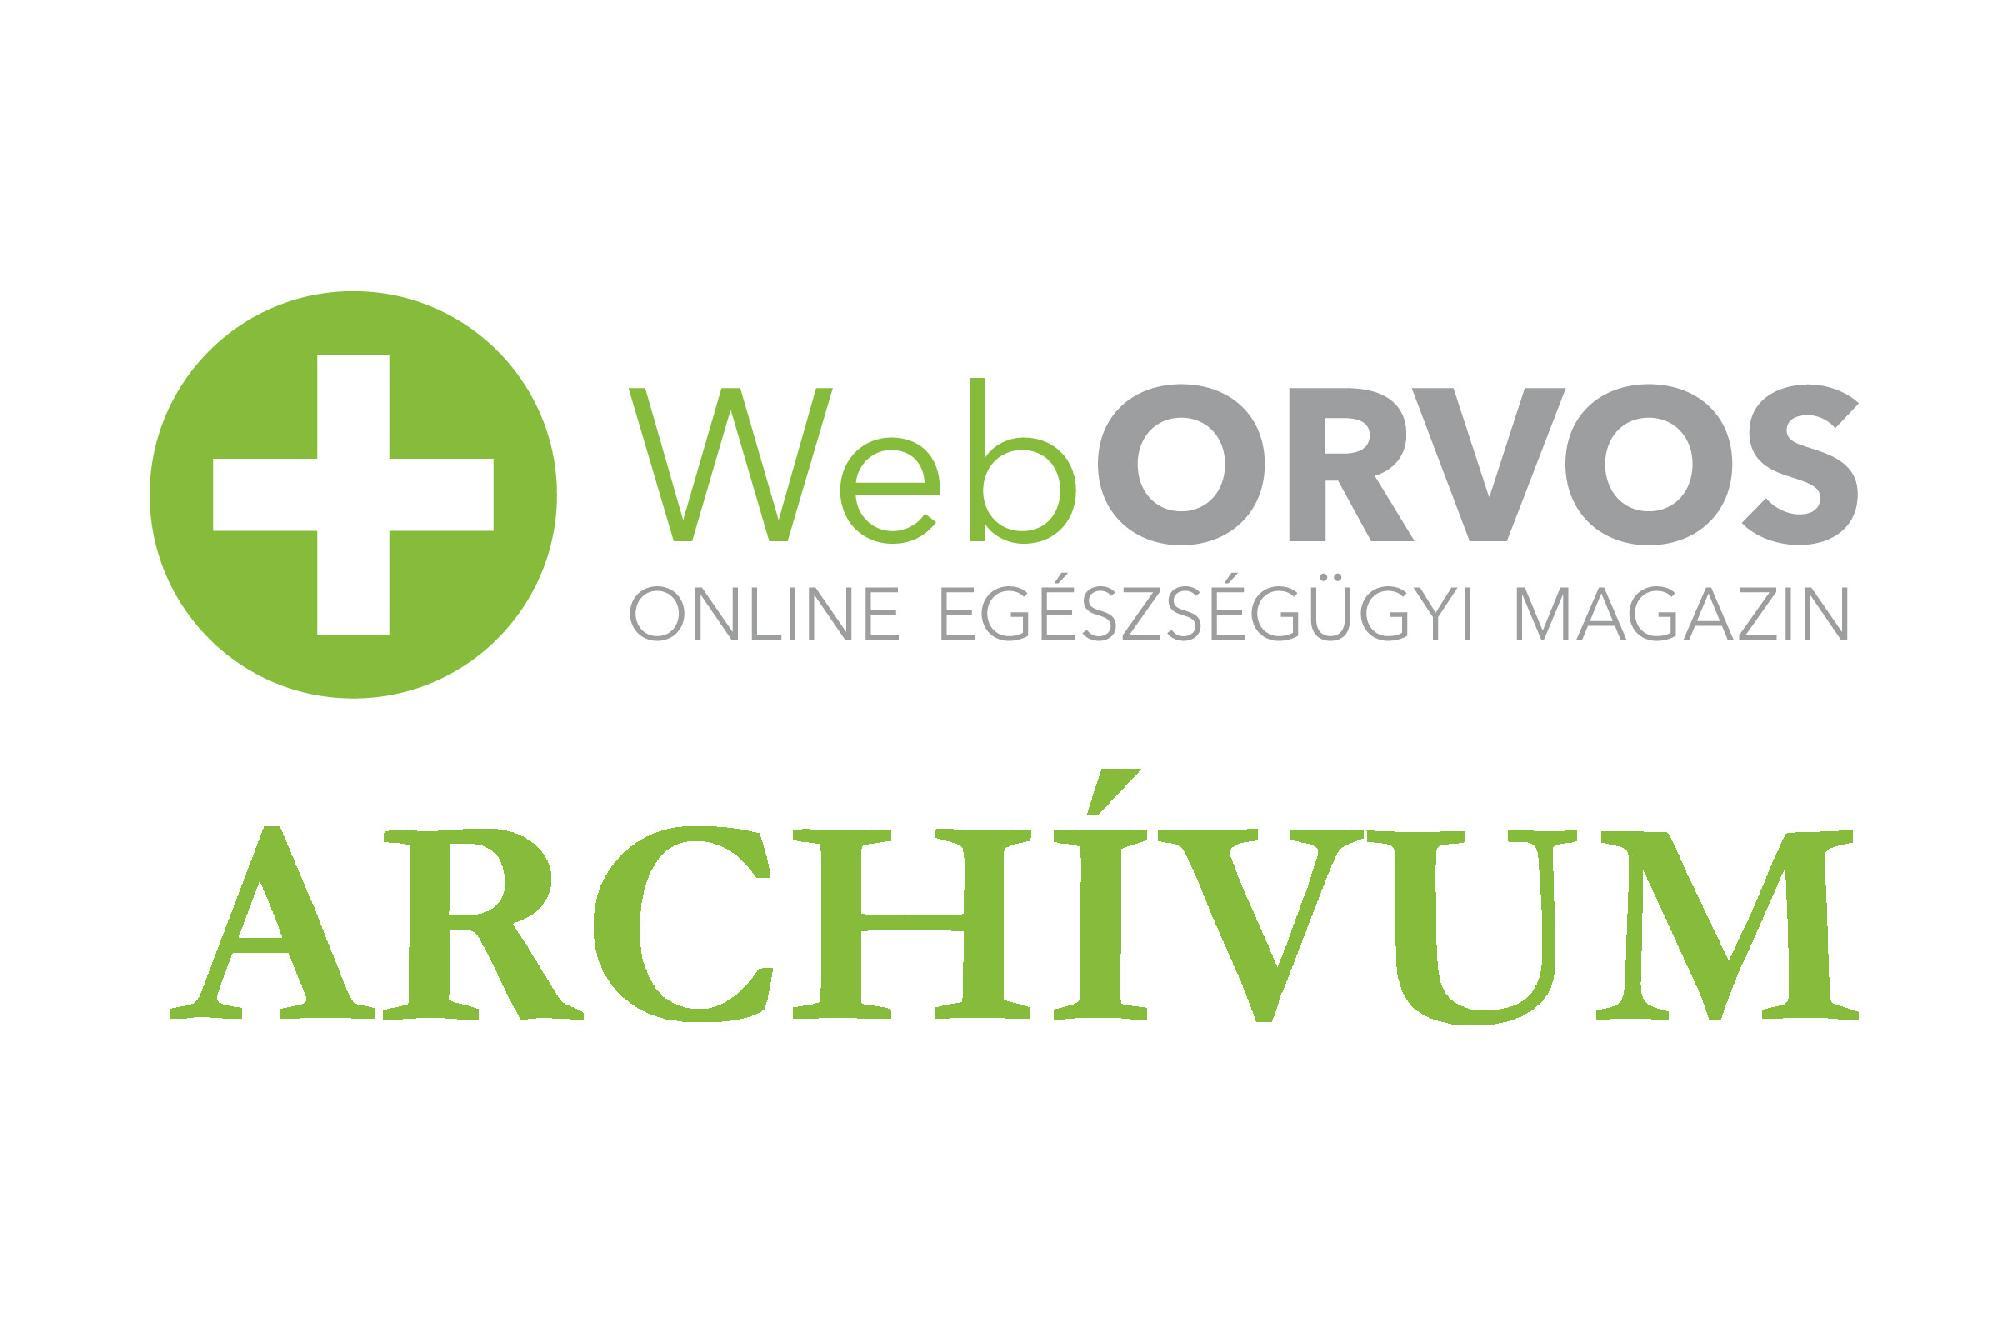 Gézengúz Szoba nyílt a kecskeméti kórházban